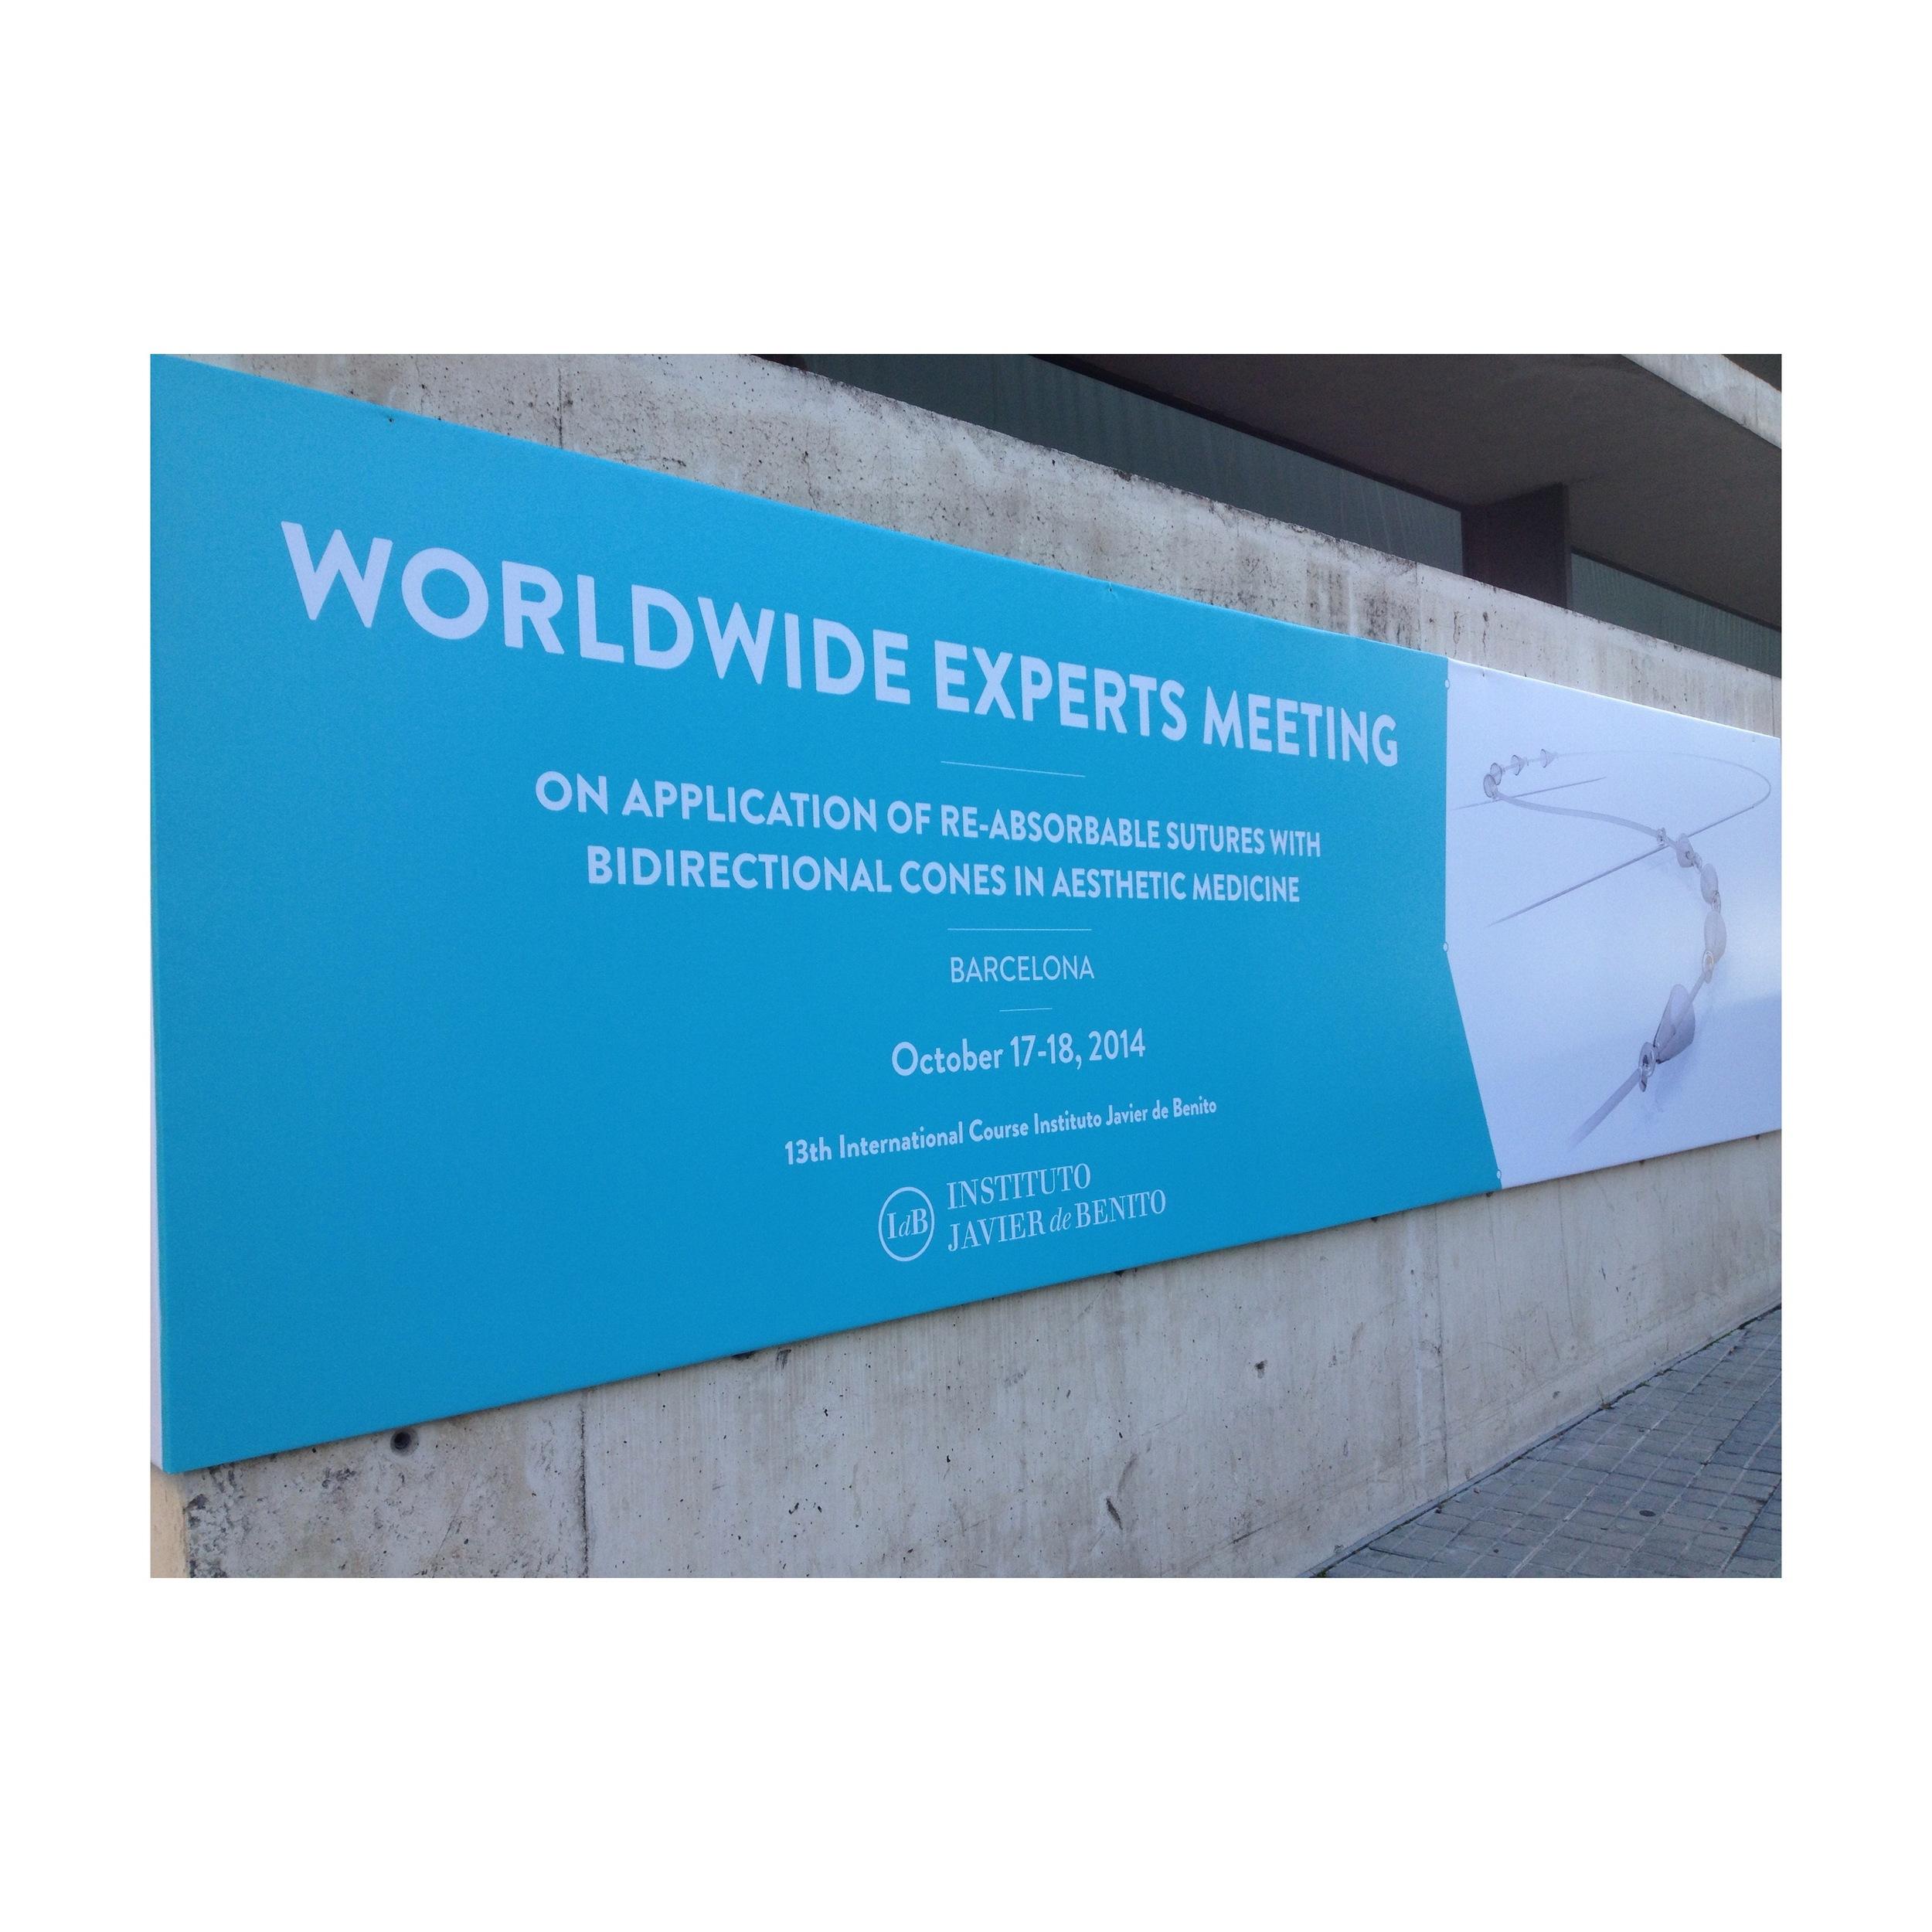 barcelonaworldwideexpertsmeeting